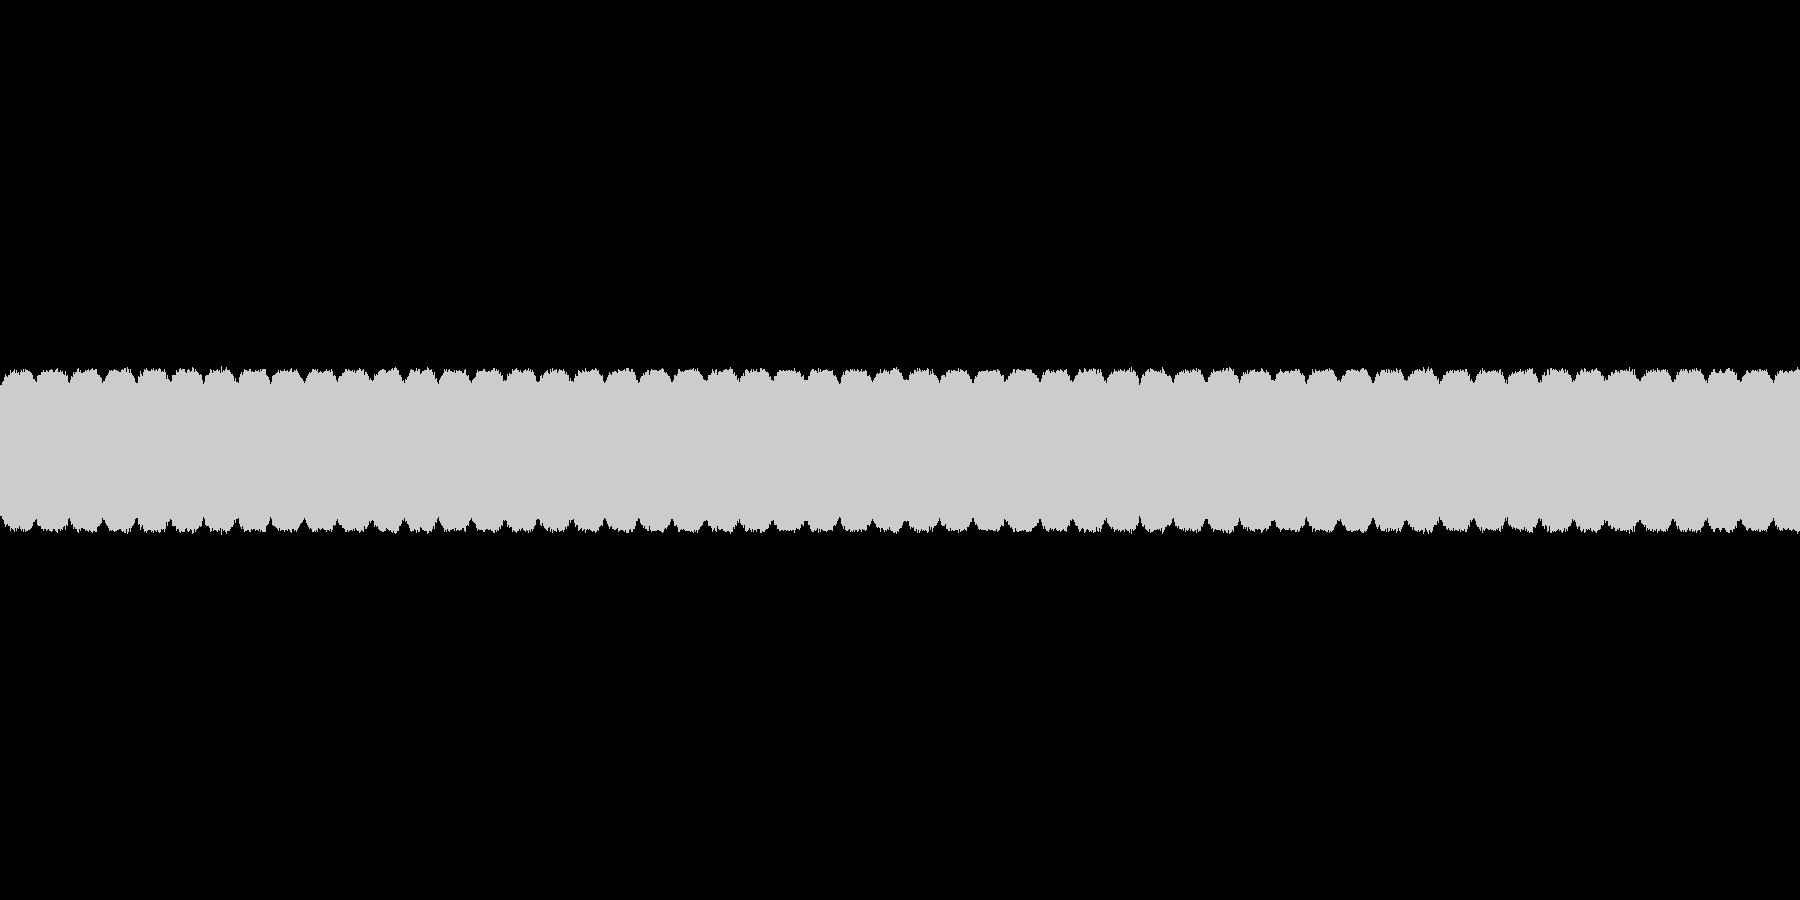 【ループ】女の子に持たせたいレーザーの音の未再生の波形